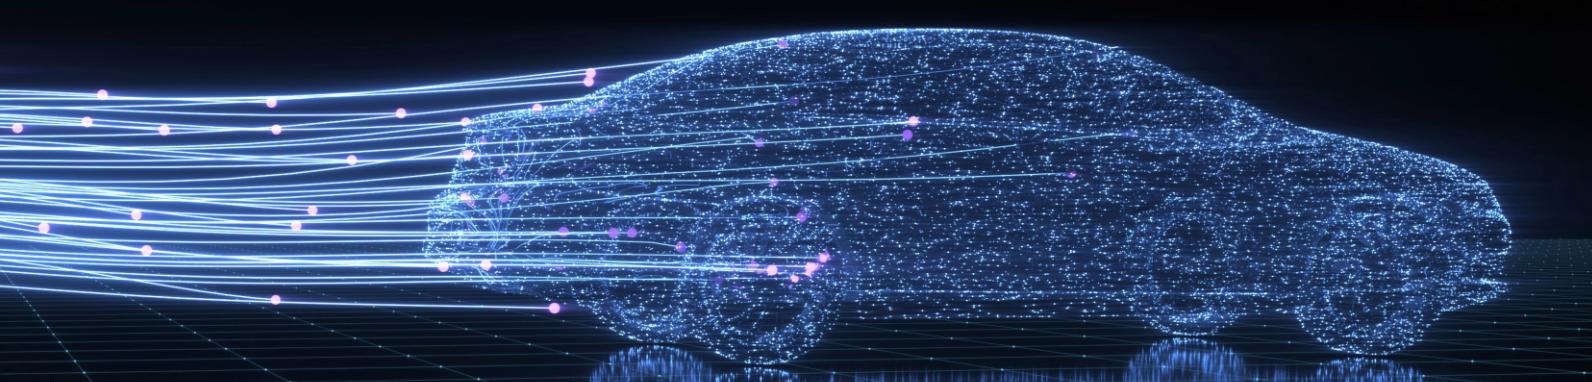 Automobilbranche: Wie wird ein Rechenzentrum KI-fähig?